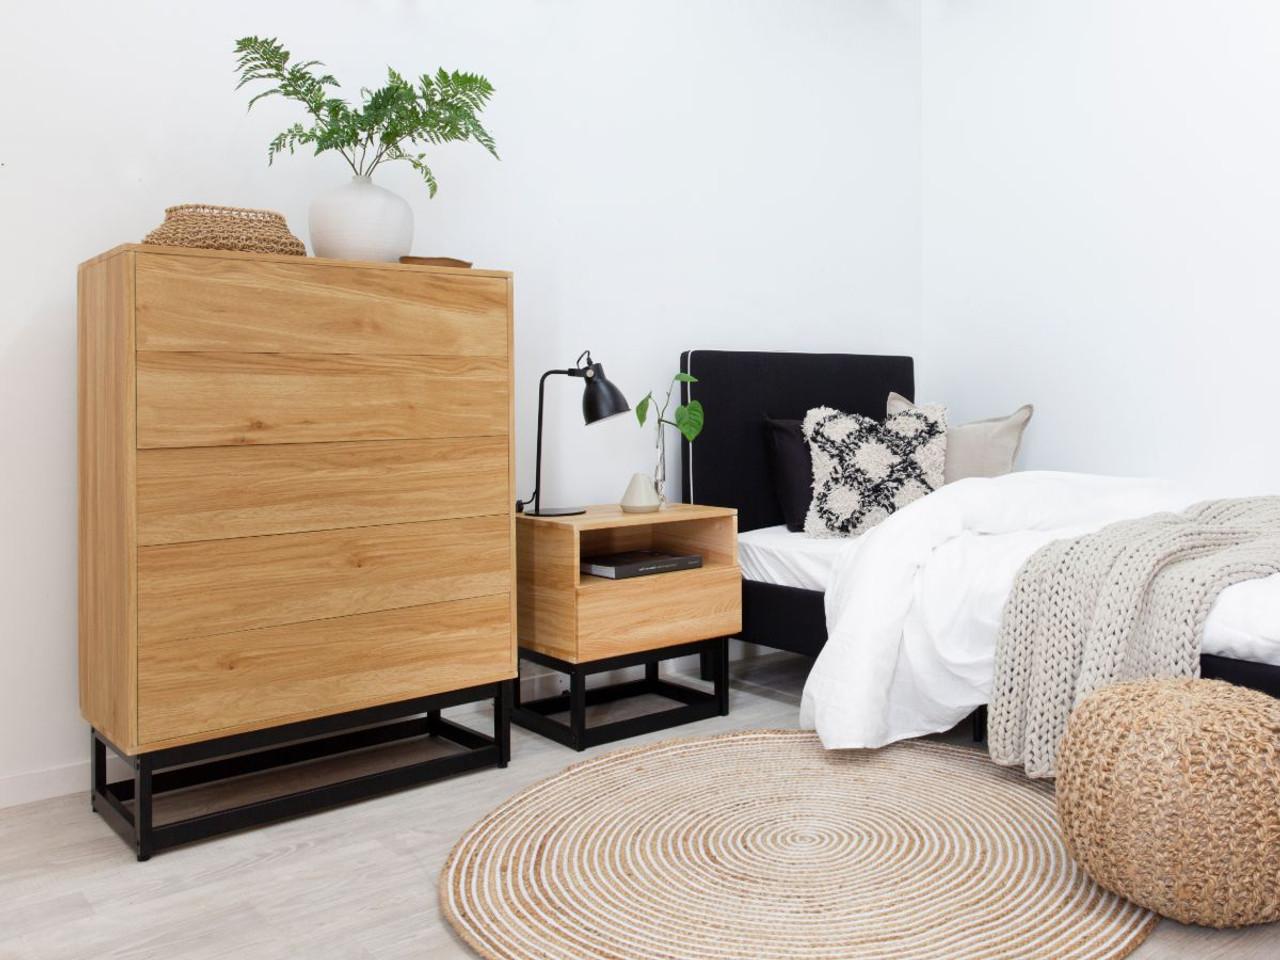 Urban Bedside Table Bedroom Furniture Mocka Au